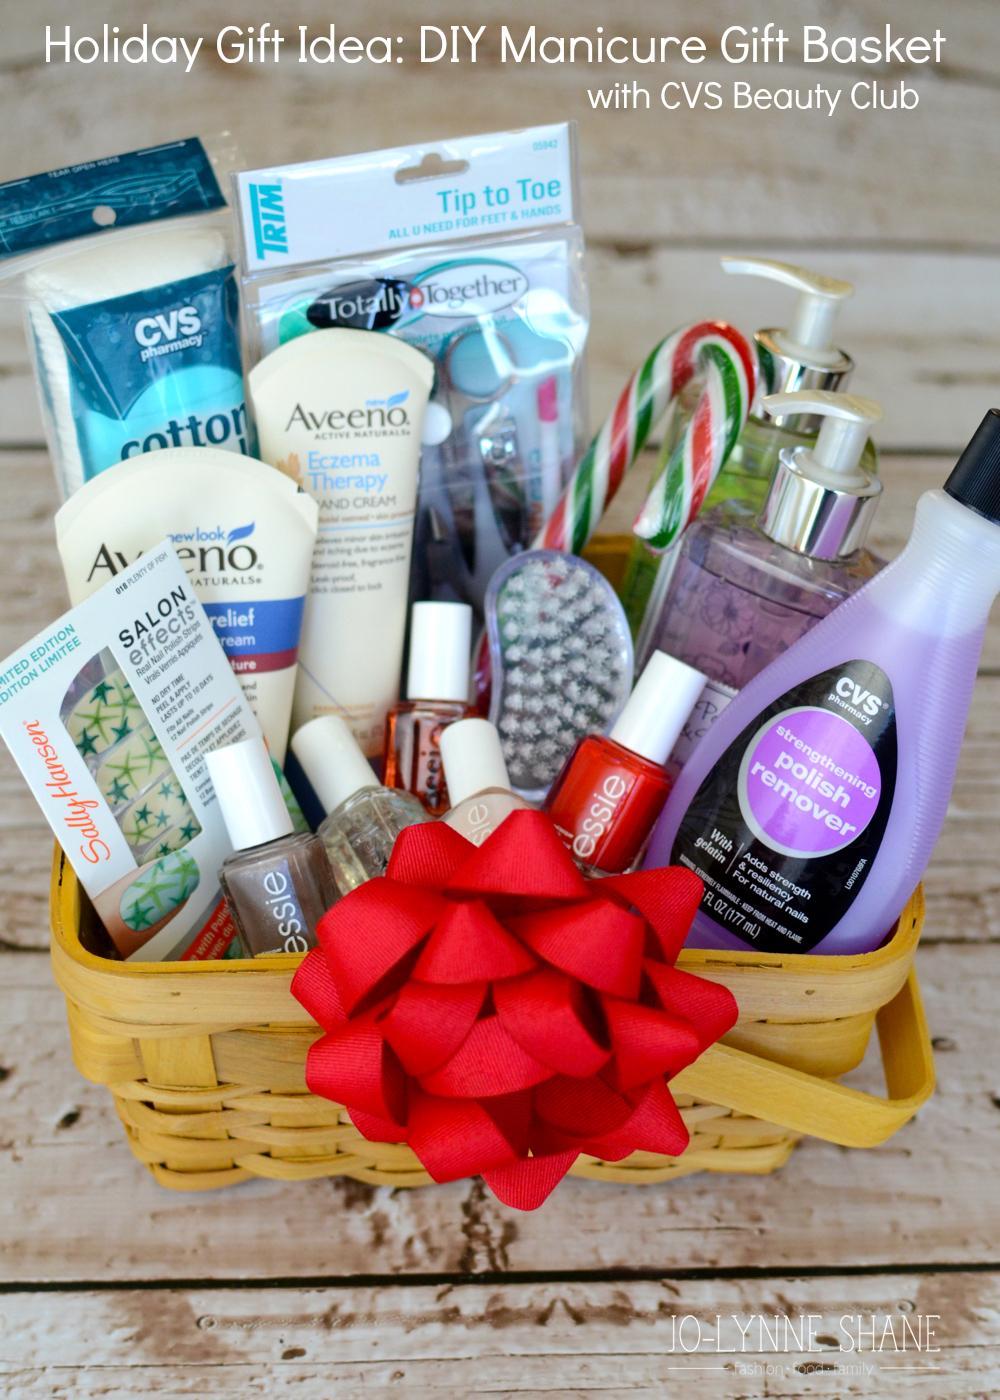 DIY Manicure Gift Basket